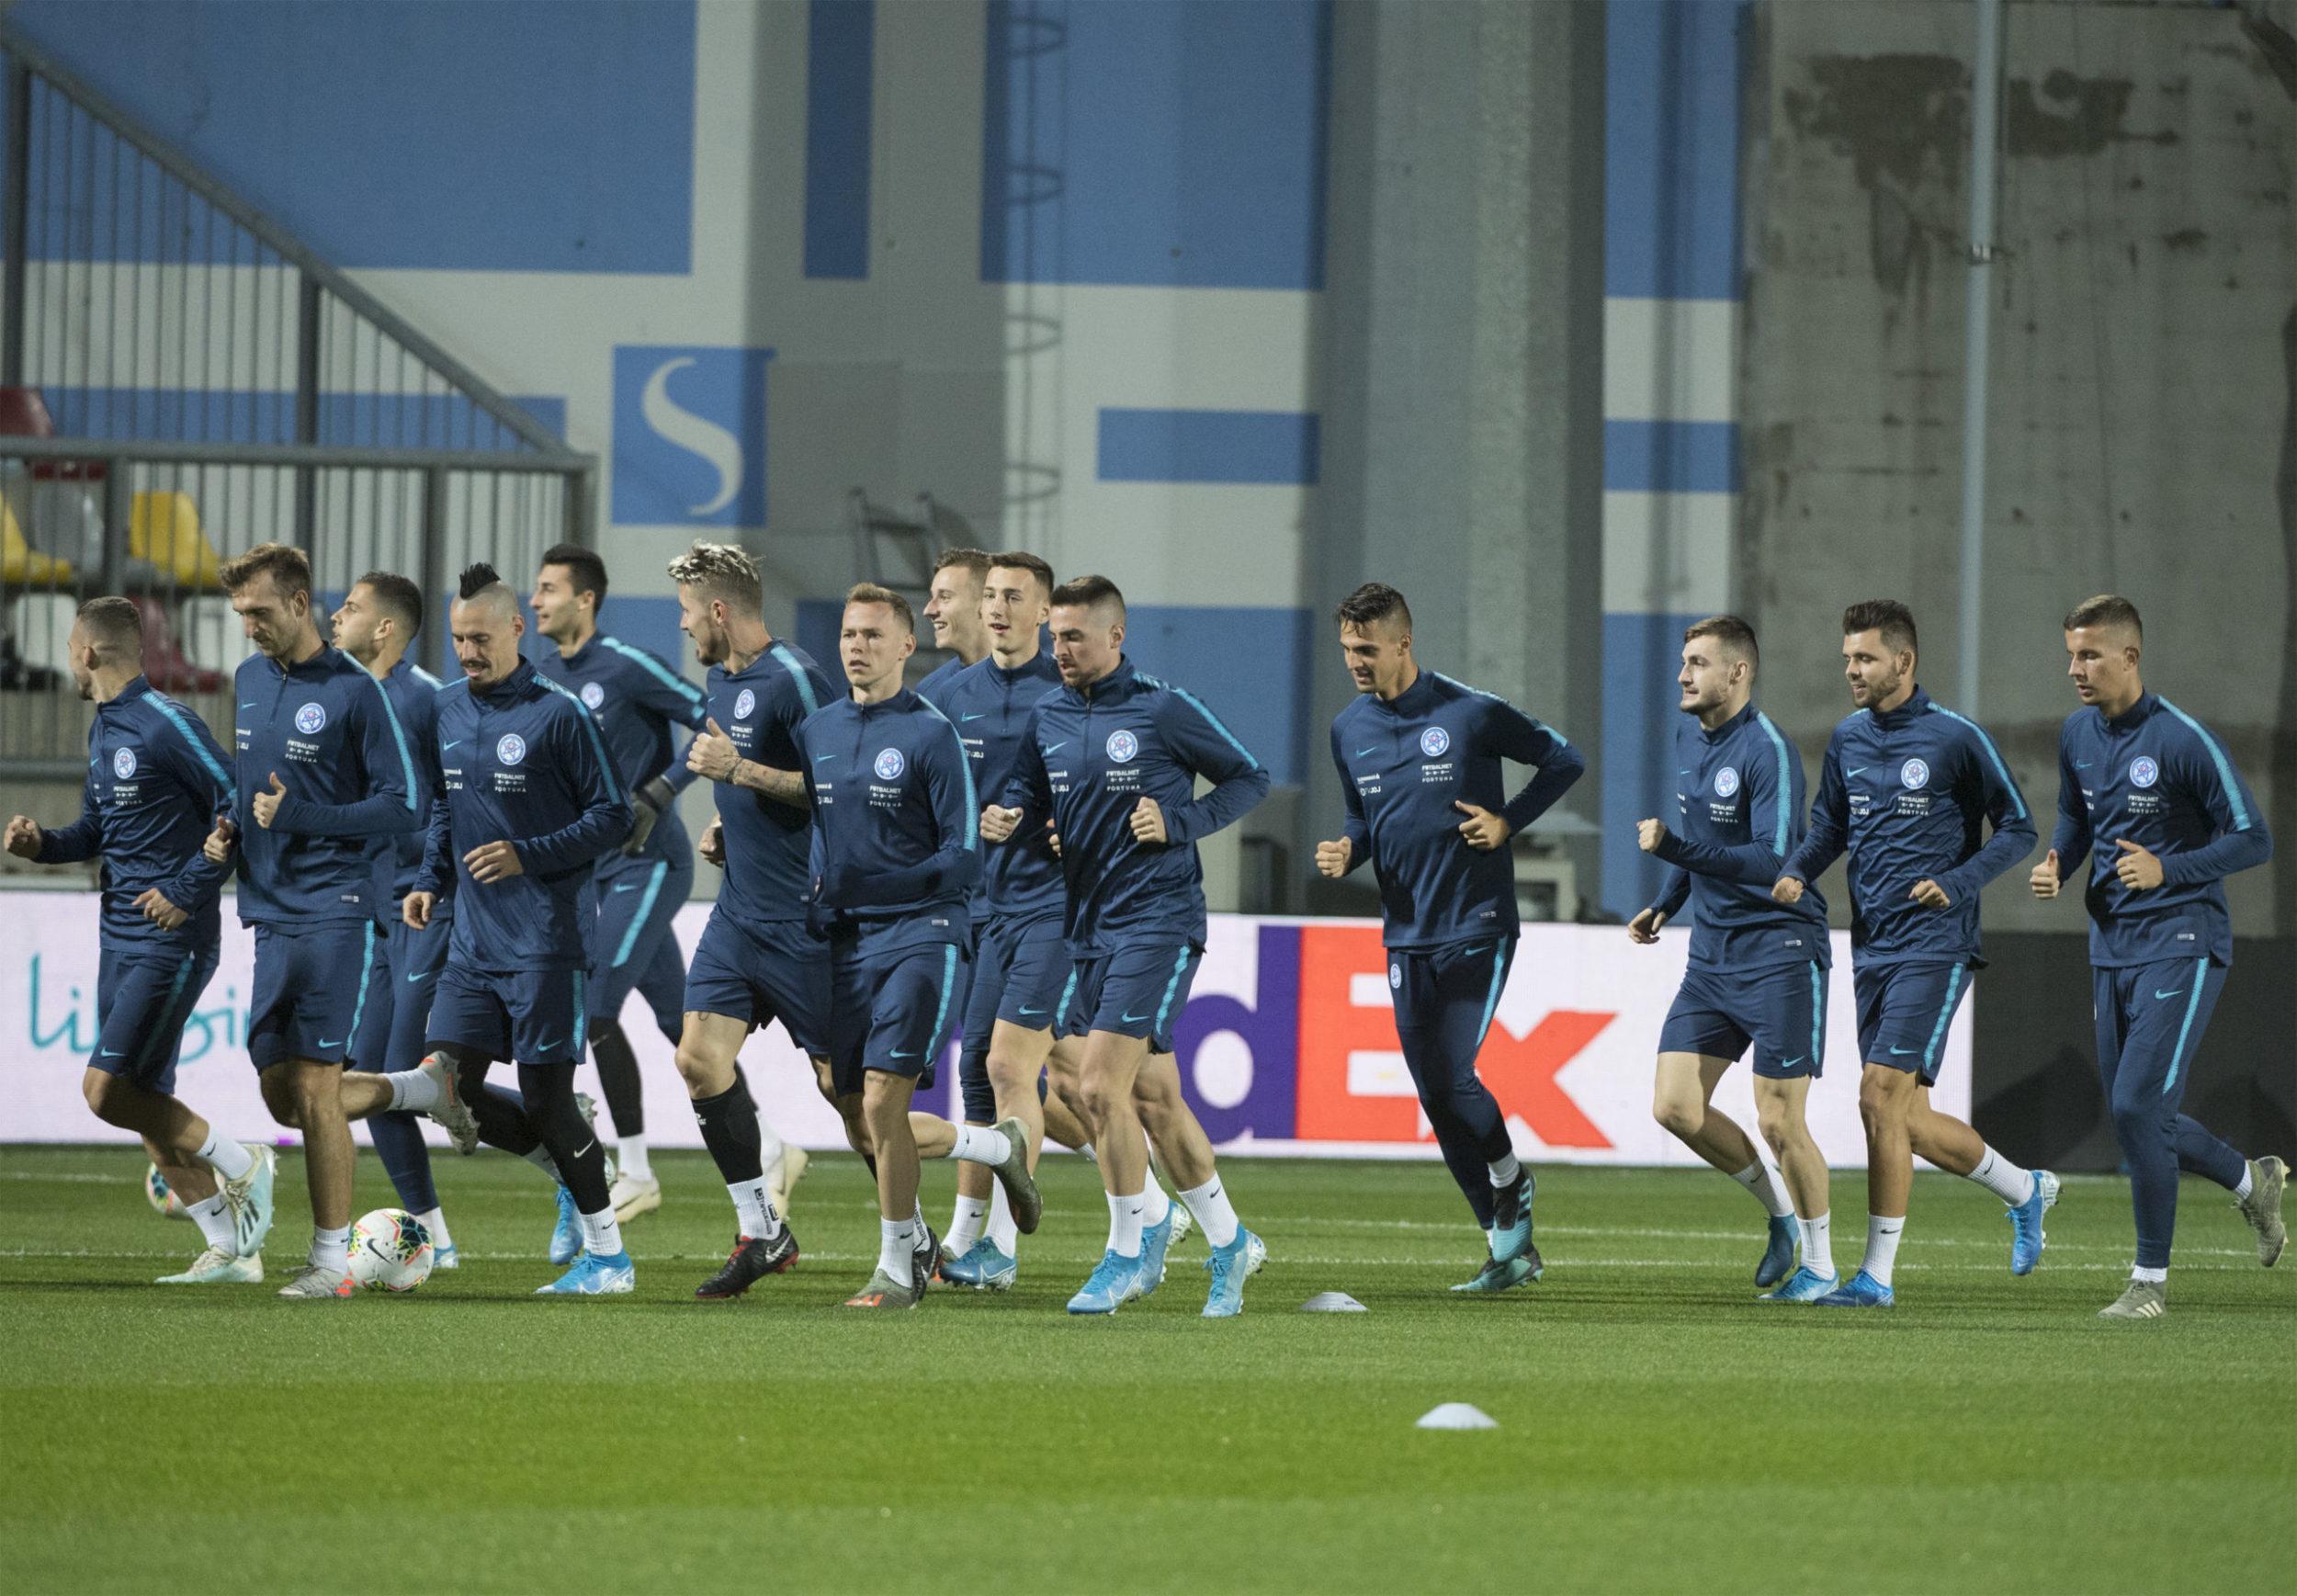 15november2019_Slovensko_Futbal_Chorvatsko_Trening_2662561